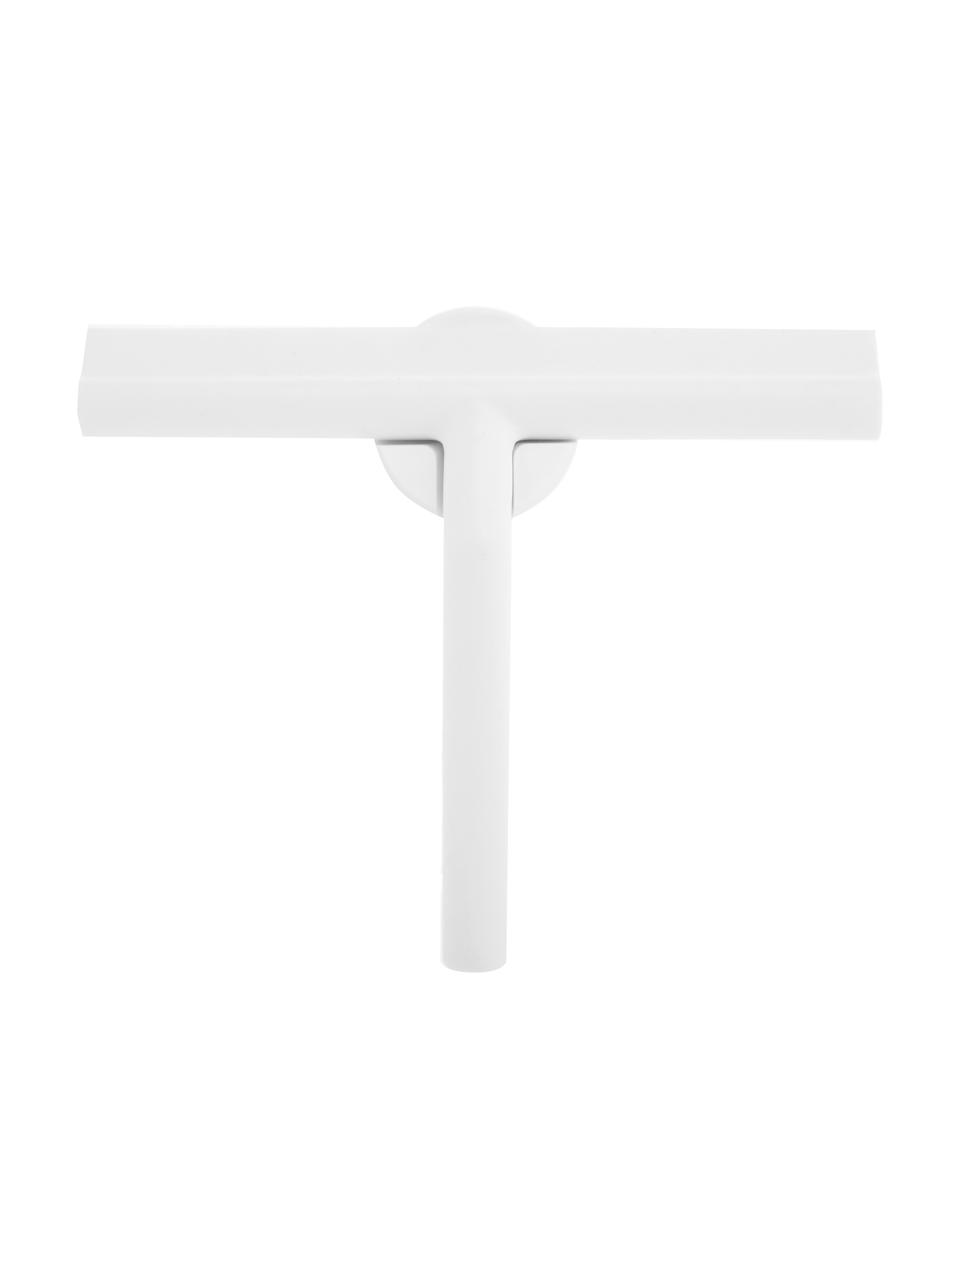 Raamwisserset Shiba, 2-delig, Raamwisser: kunststof (ABS), Rand: siliconen, Wit, 21 x 5 cm